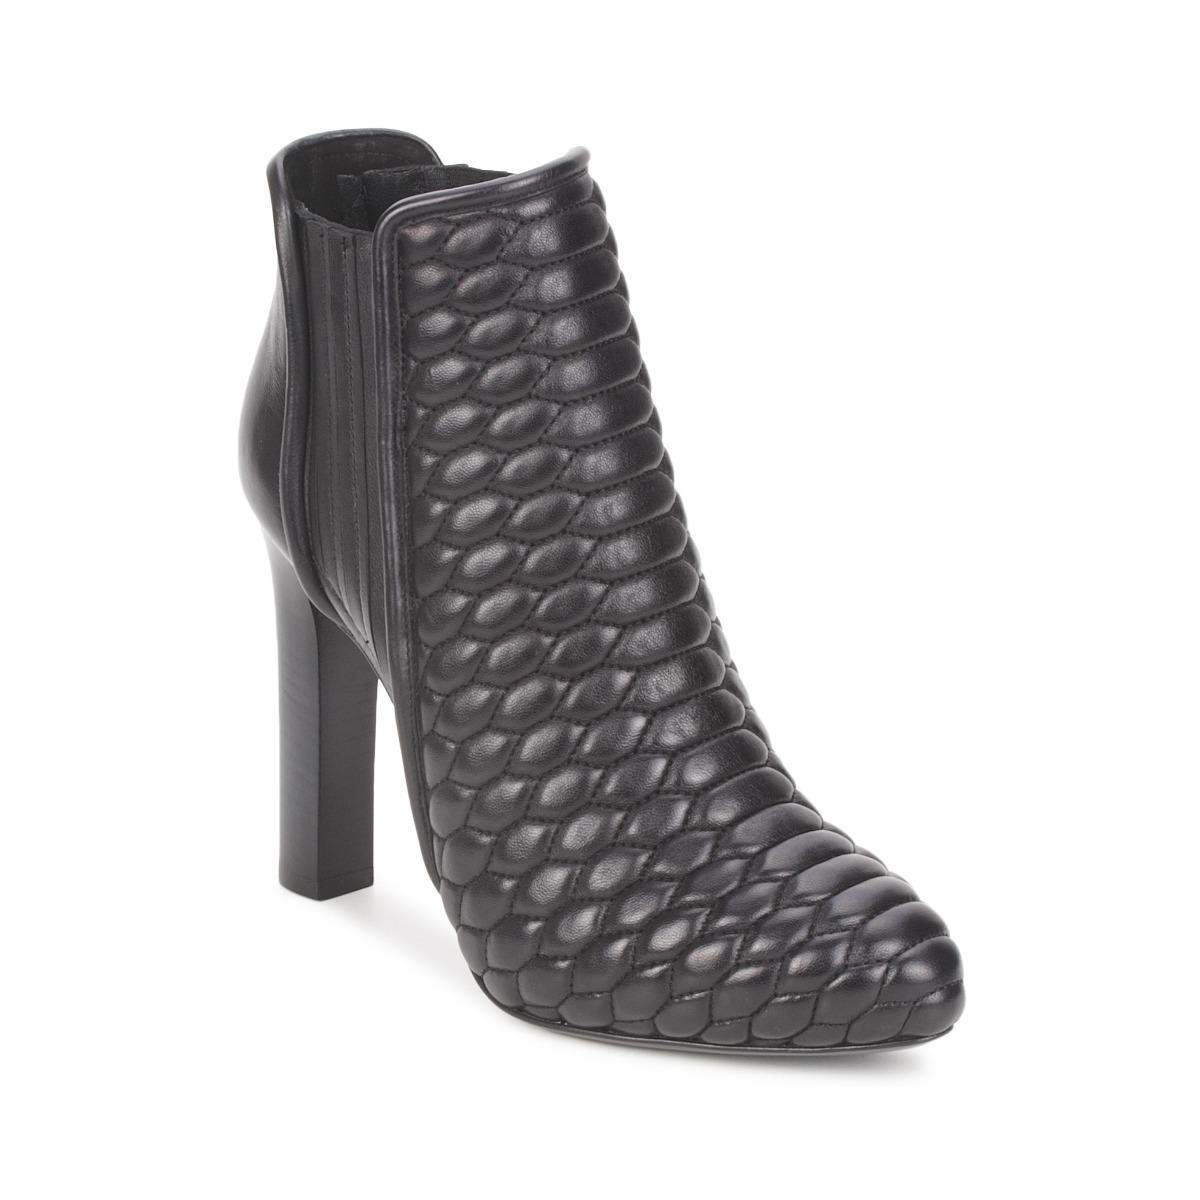 Roberto Cavalli WDS227 Schwarz - Kostenloser Versand bei Spartoode ! - Schuhe Low Boots Damen 424,50 €